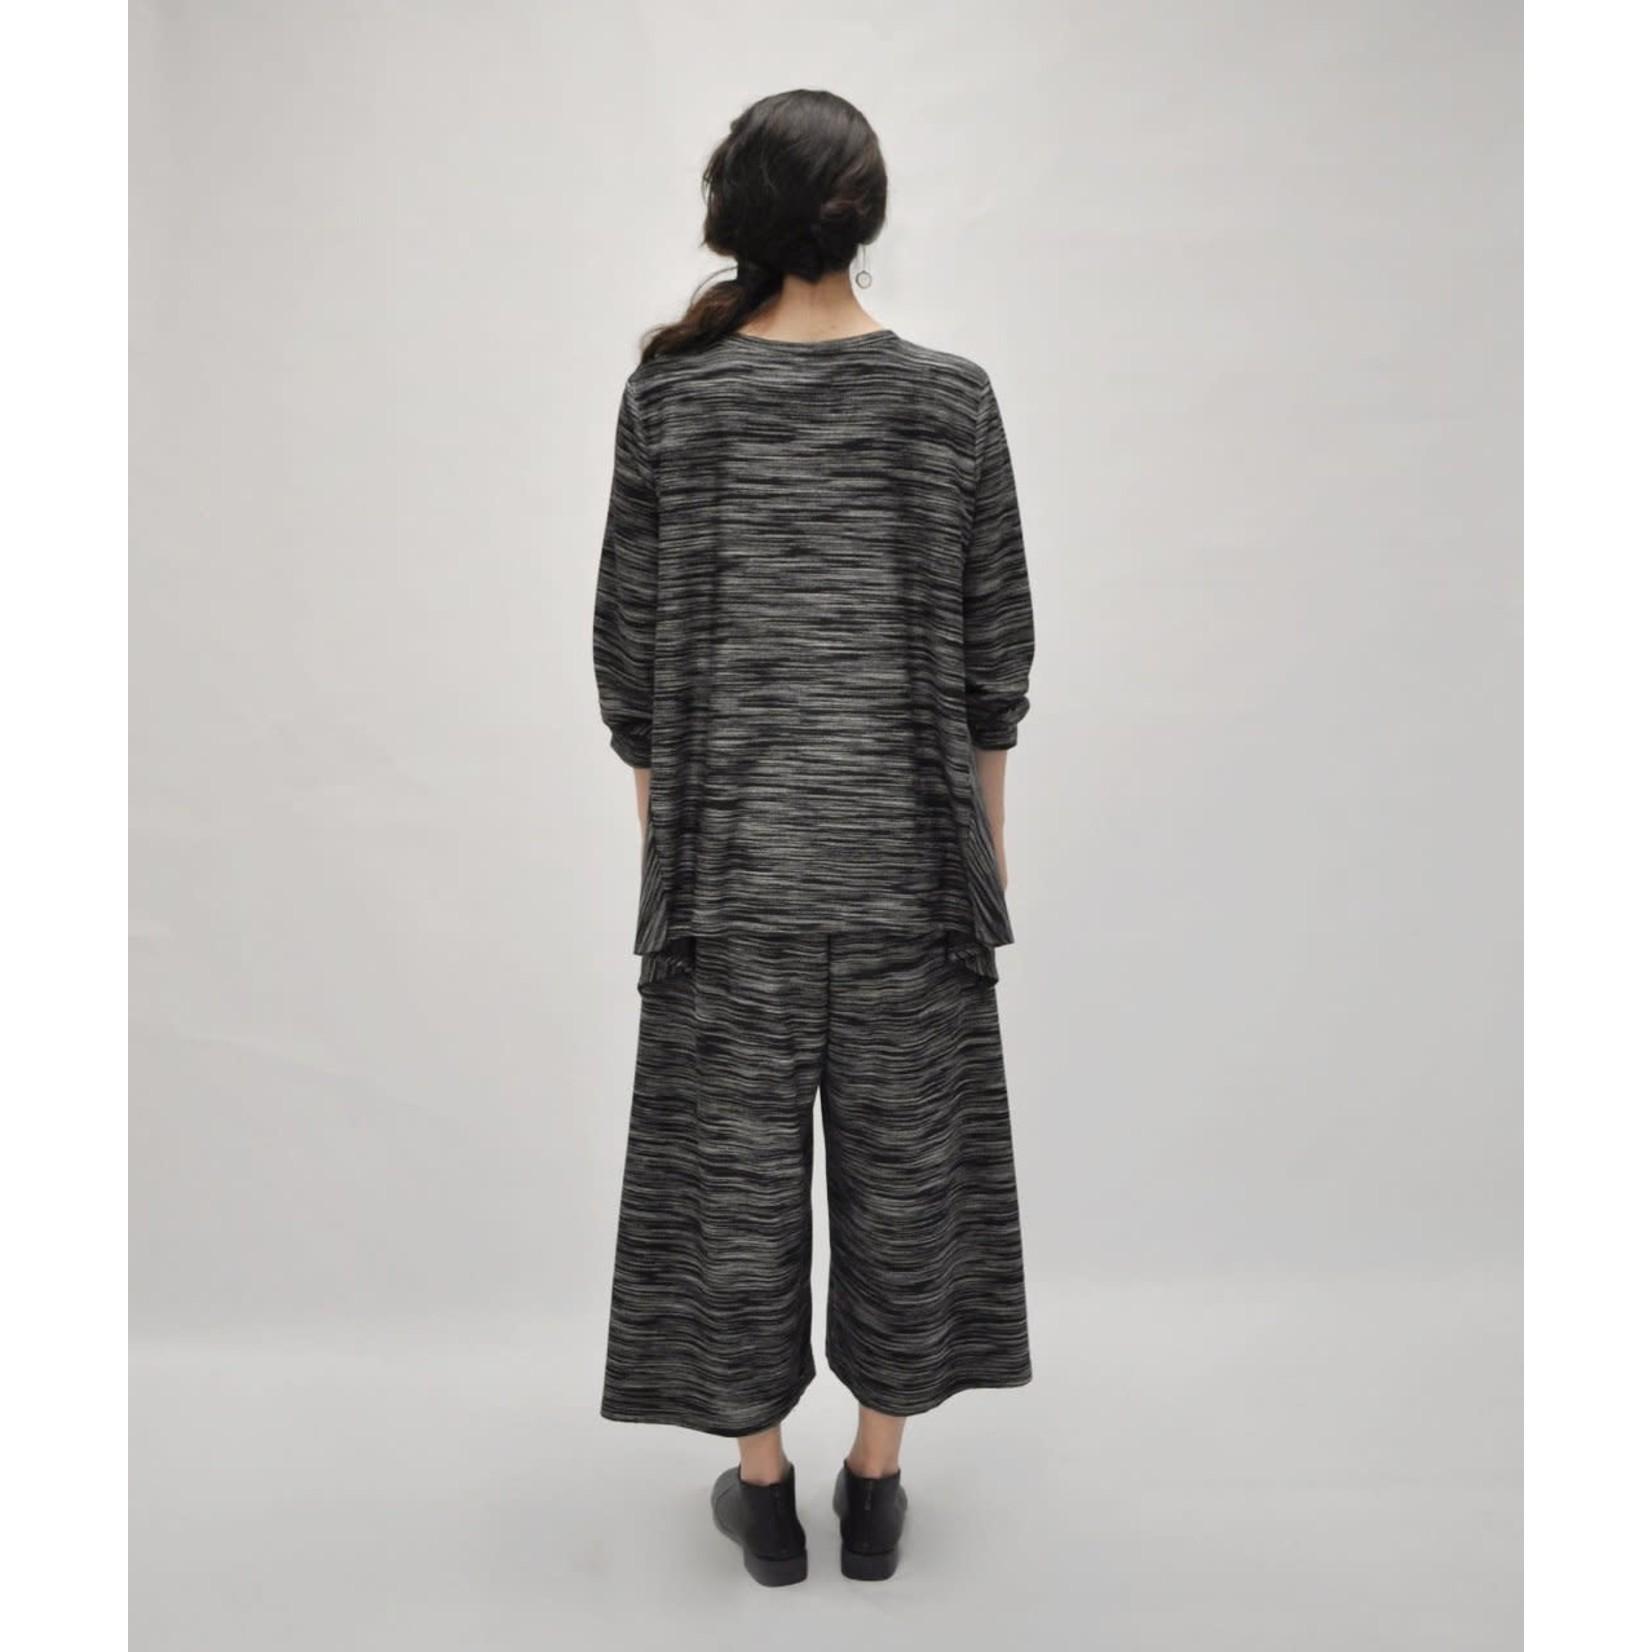 Niche Horizon Knit Triangle Top in Black Multi